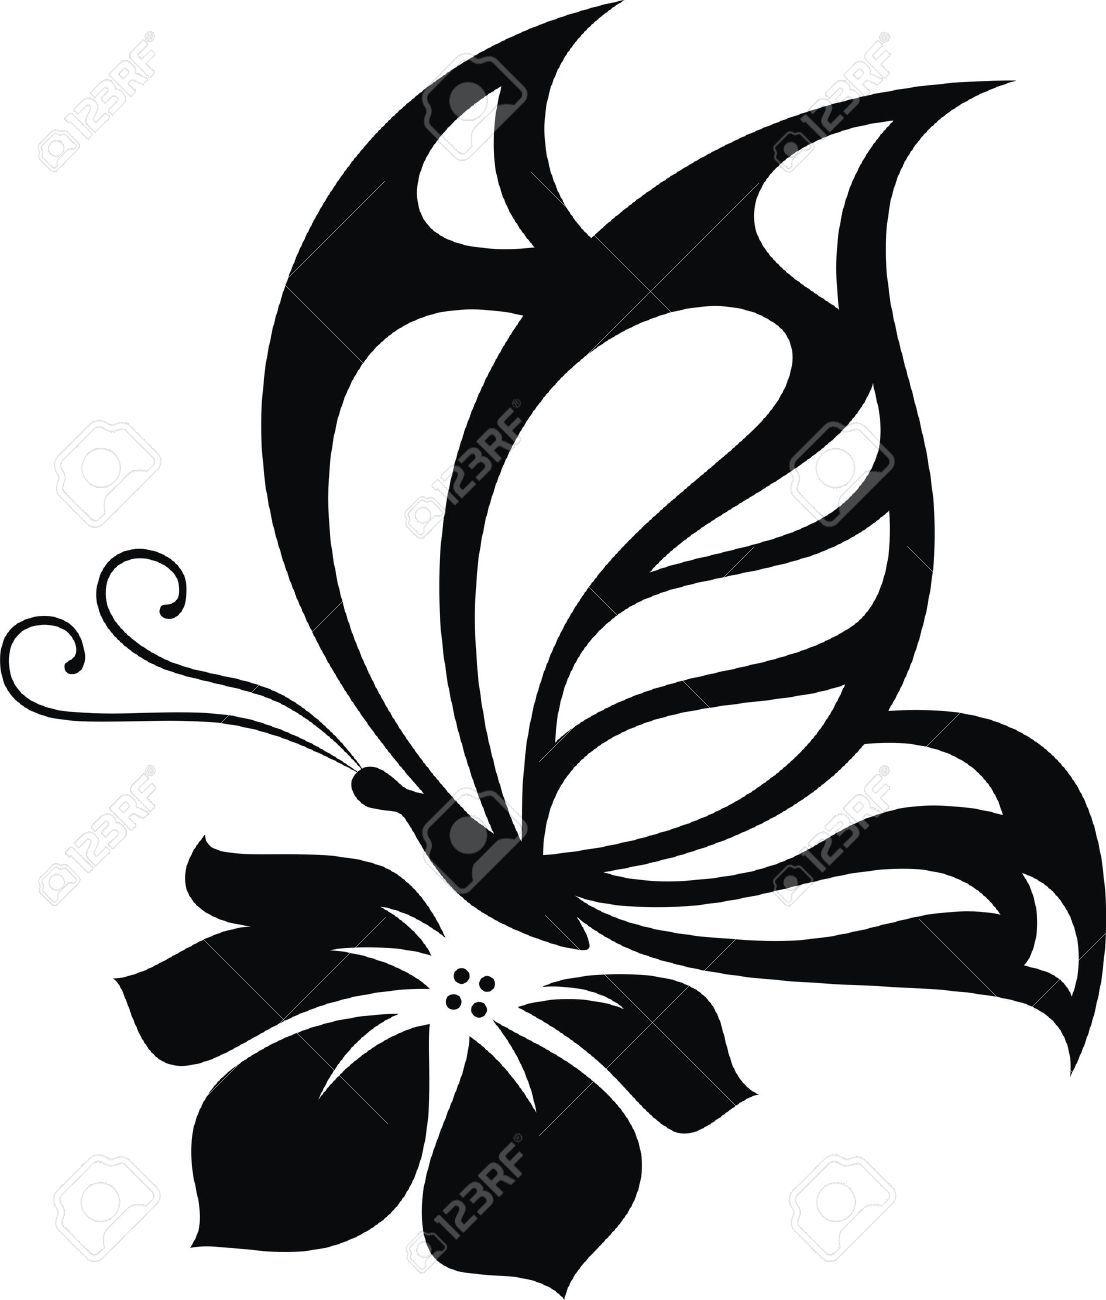 Resultado de imagen para dibujos de mariposas para colorear | mural ...